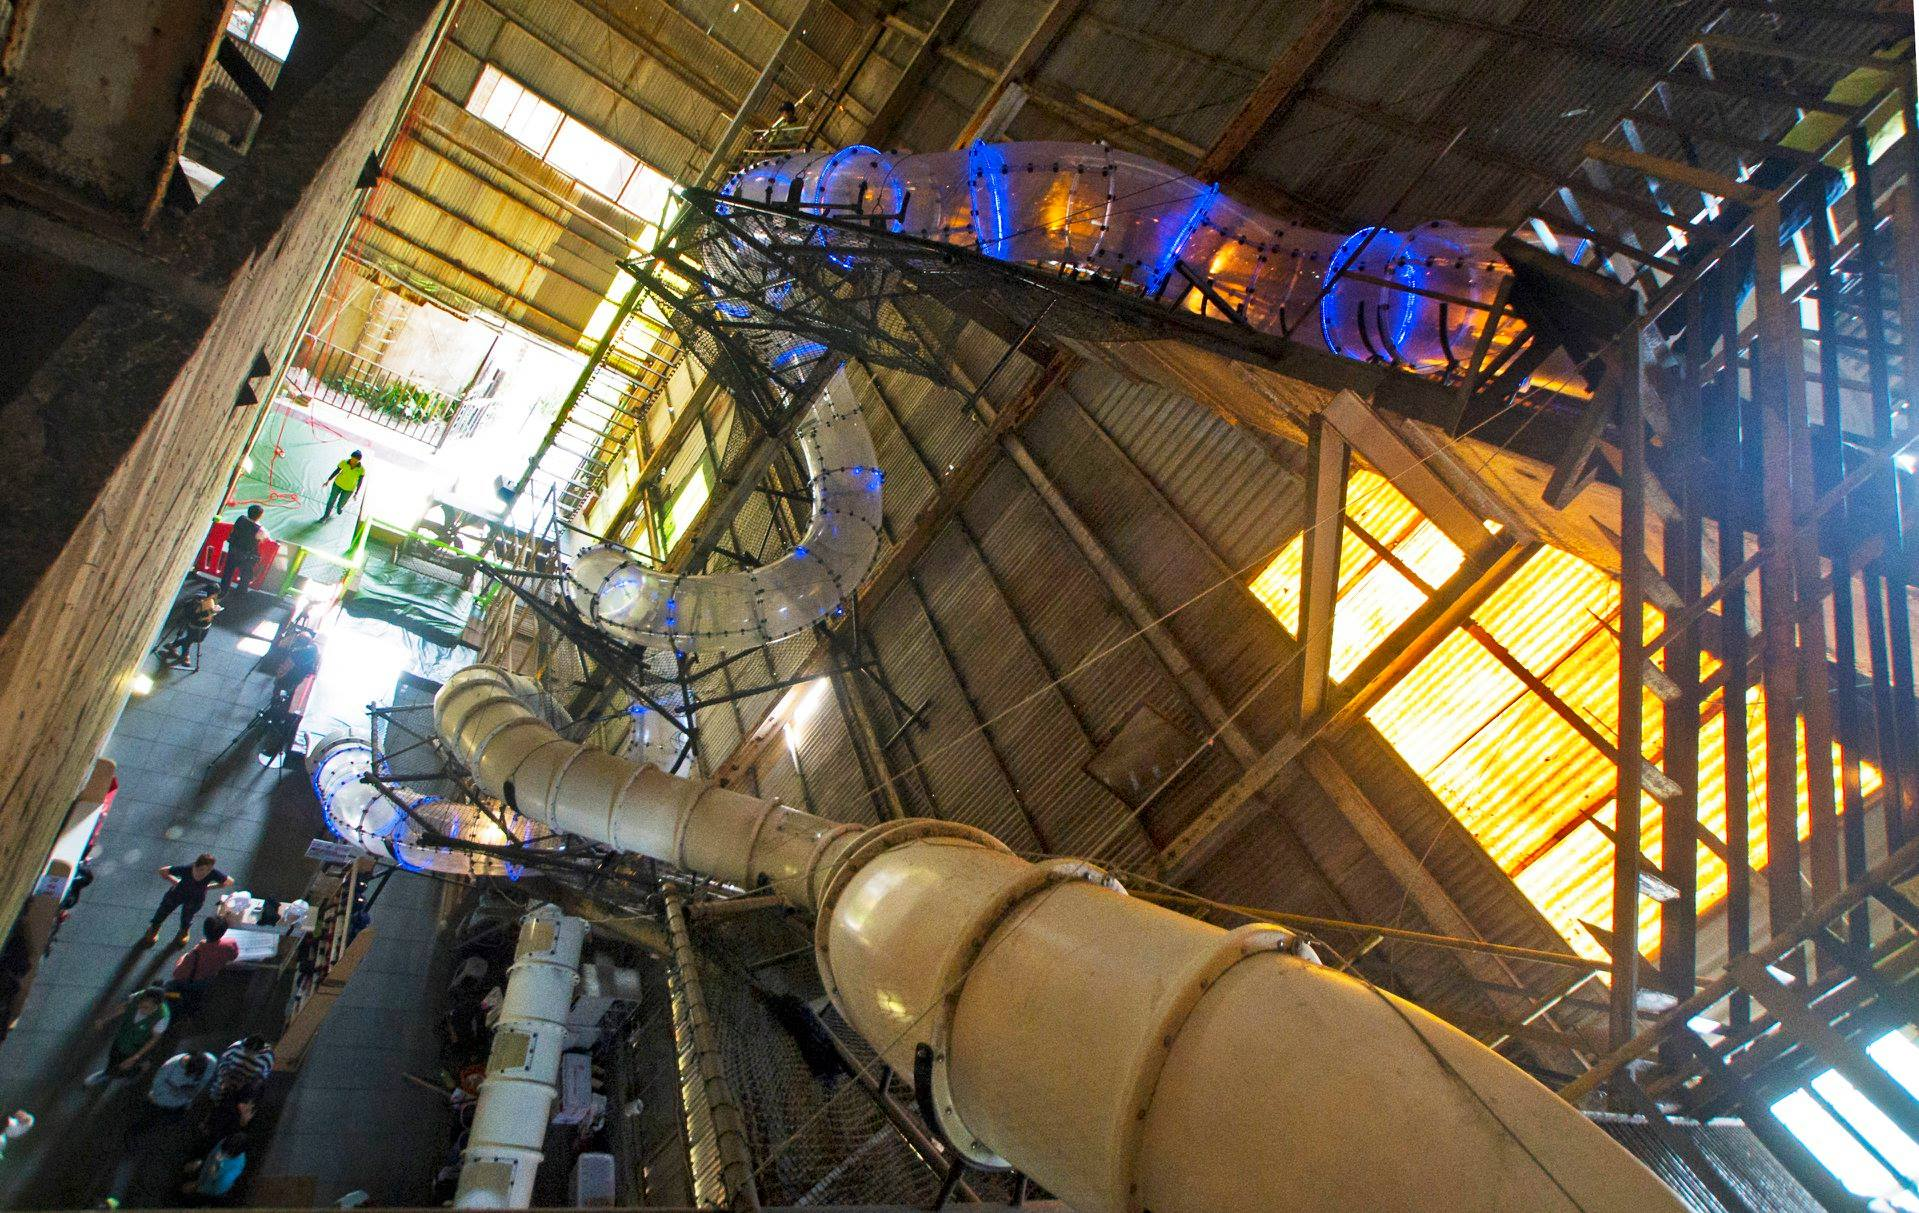 台南十鼓文創園區必玩的半透明煙囪滑梯,由蔗糖渣儲存室改造而成。圖/十鼓文創園區臉書粉絲專頁